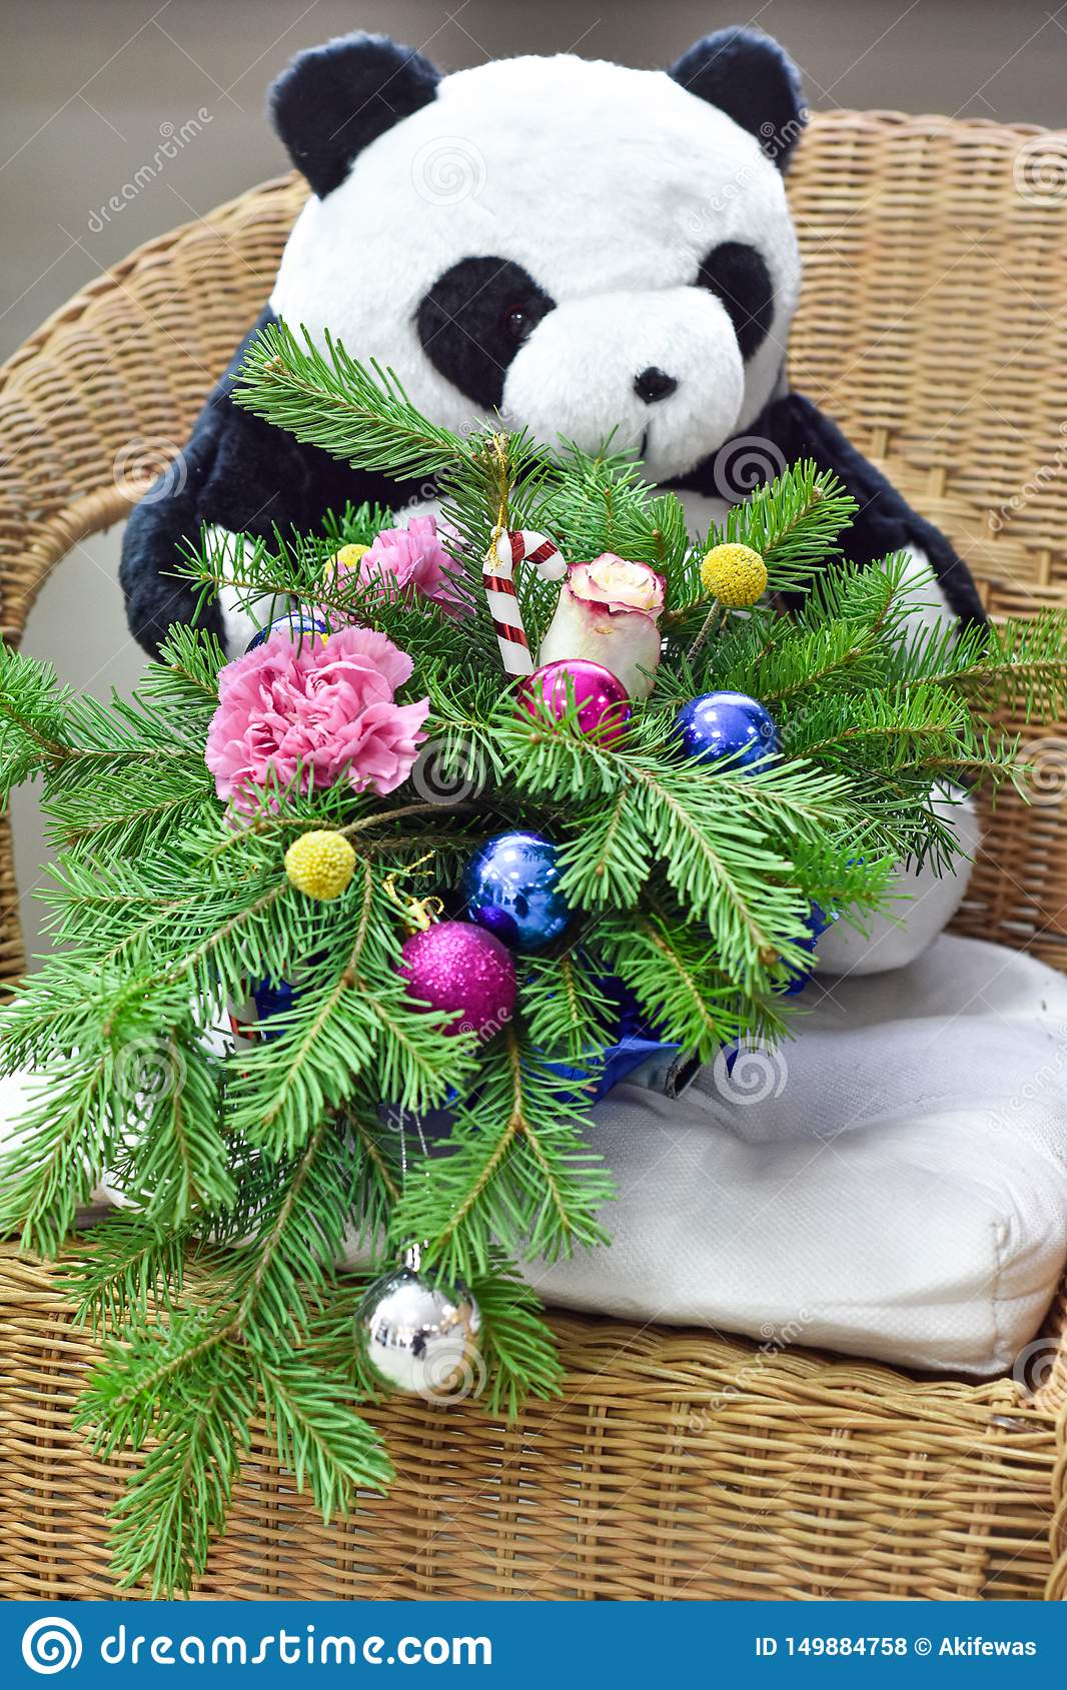 Boeket van Kerstboom met Kerstmisdecoratie en mooie bloemen Op een rieten stoel Het stuk speelgoed draagt op de achtergrond